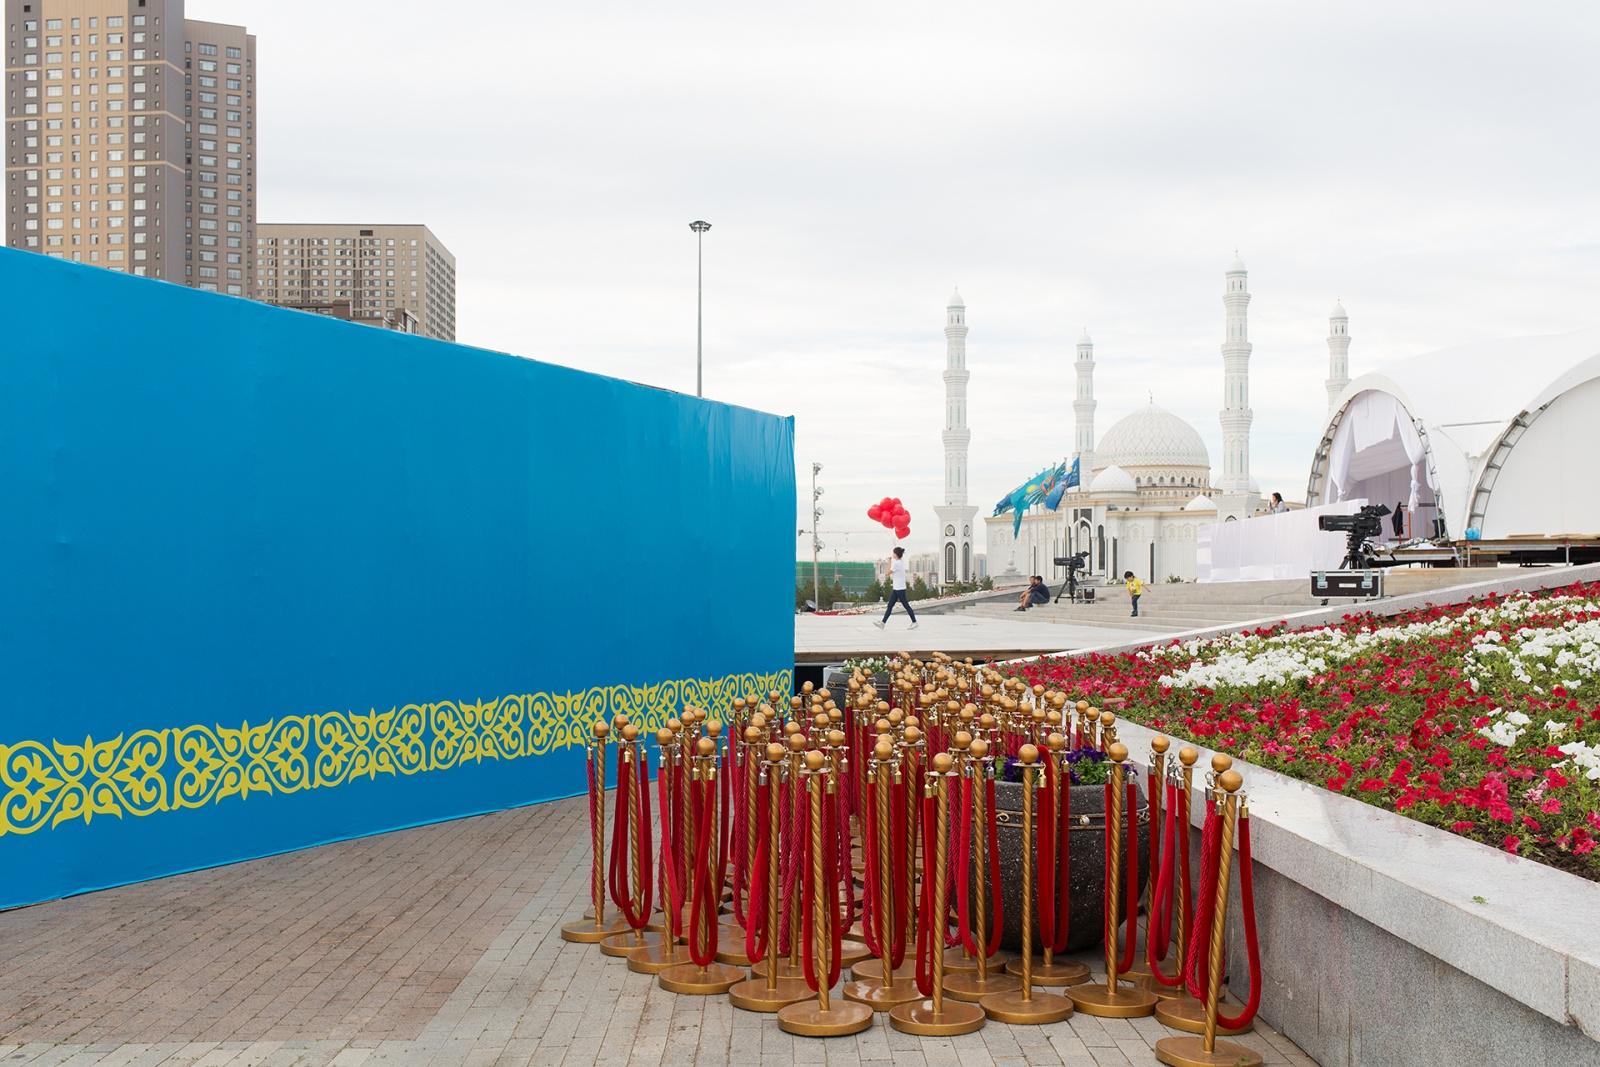 Una delle location nel centro della città, dove si sono tenuti i festeggiamenti del 20° Capital Day. Astana, Kazakistan, 2018. © Filippo Venturi.